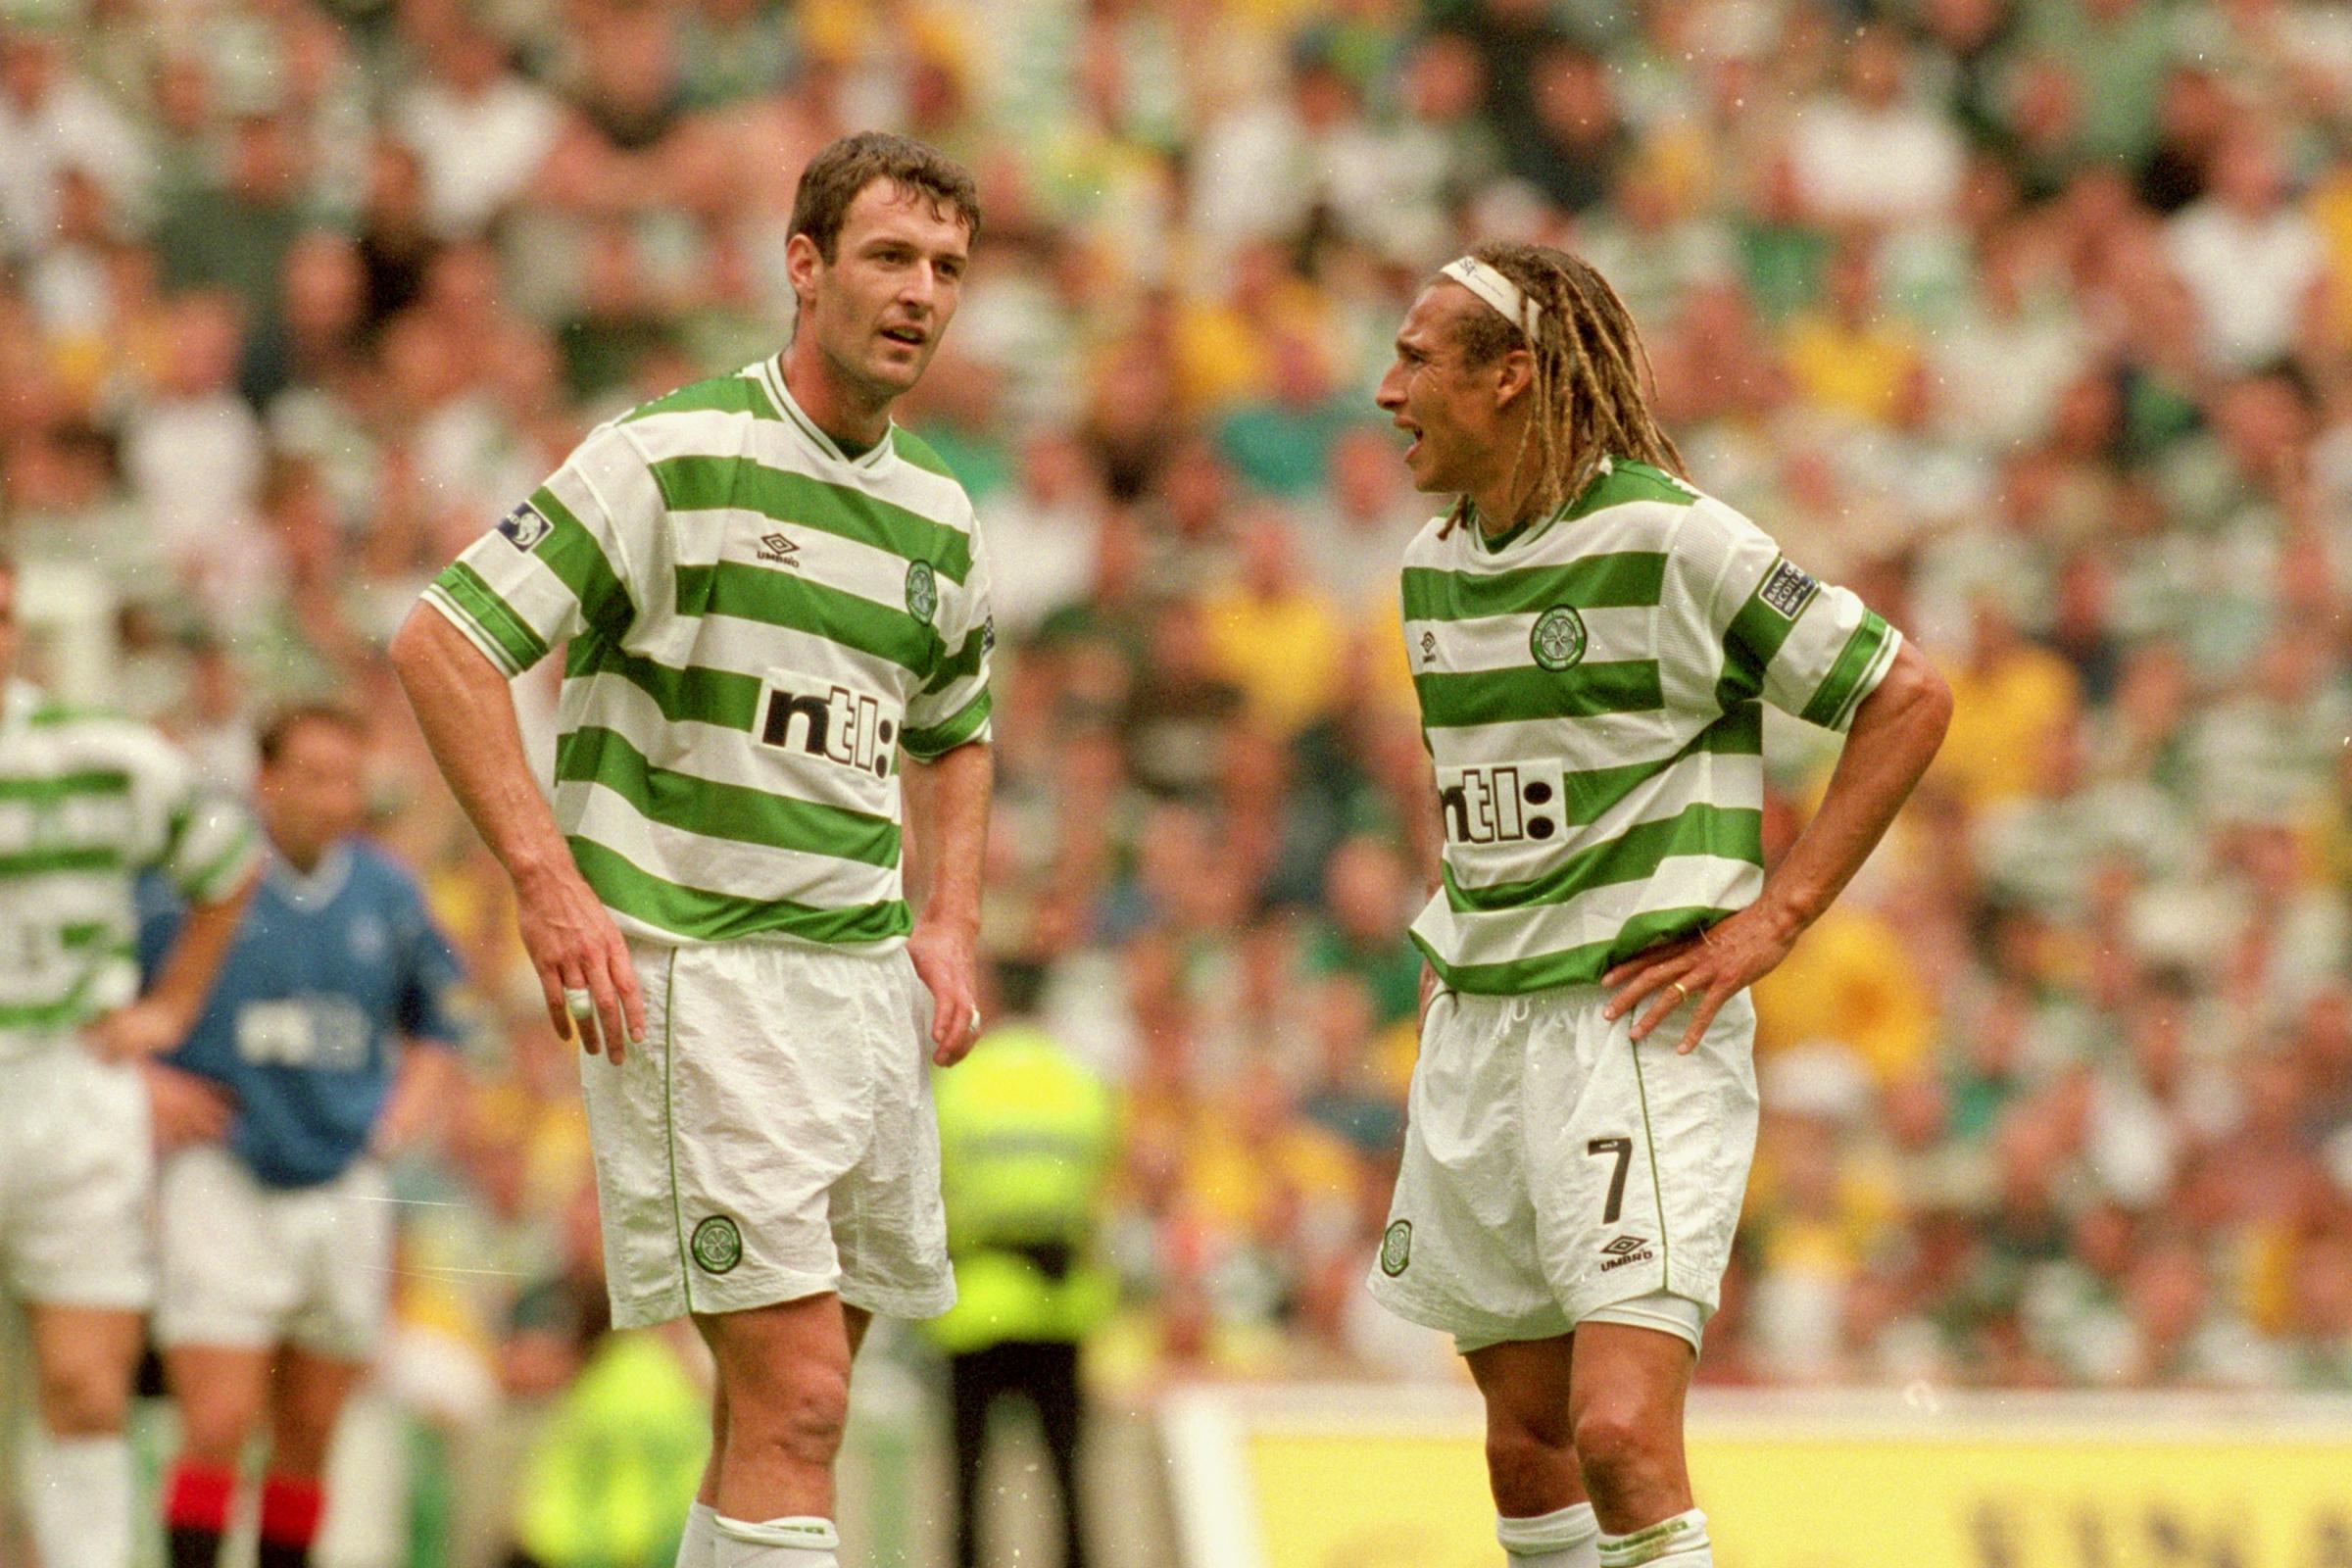 Chris Sutton hace reclamo a Henrik Larsson mientras el exdelantero del Celtic ofrece veredicto sobre Alan Shearer